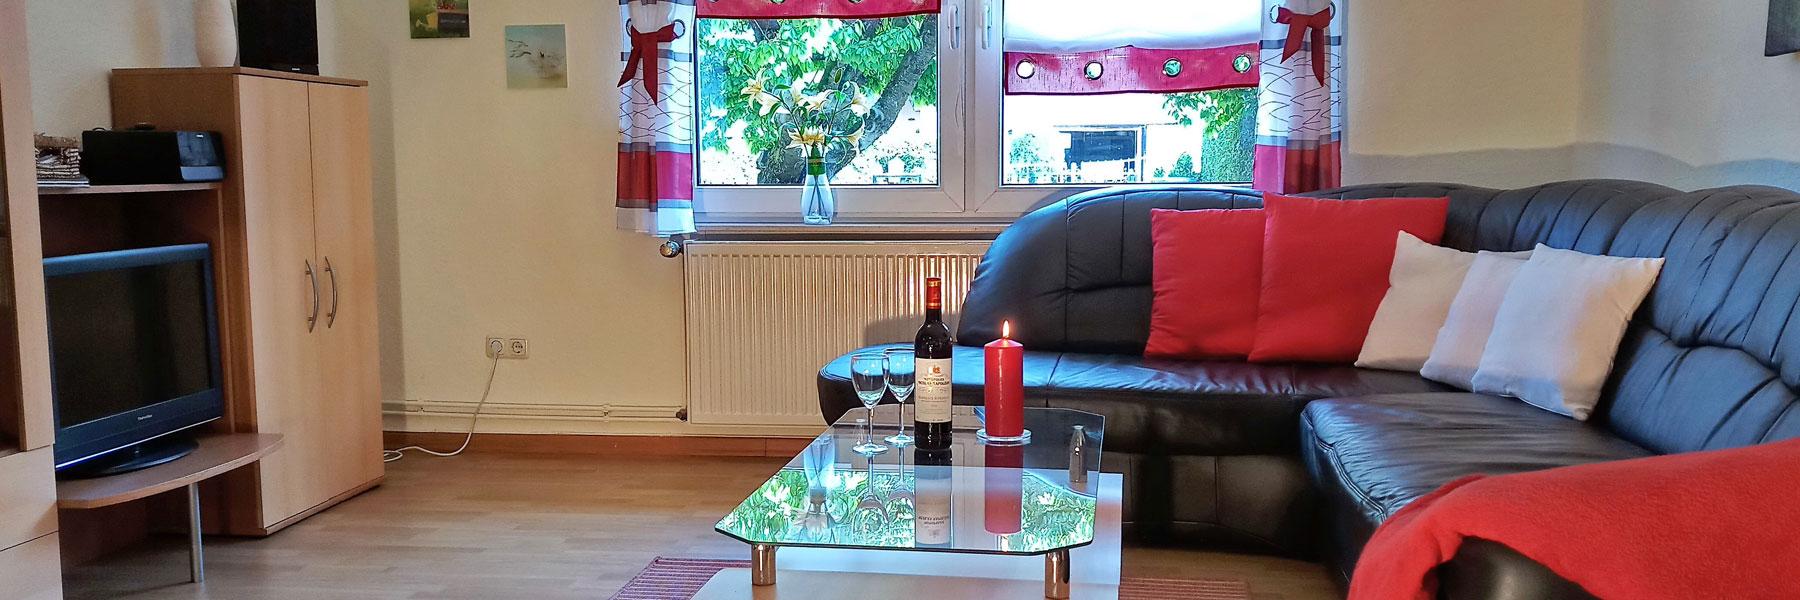 Wohnzimmer - Ferienhaus Lippert